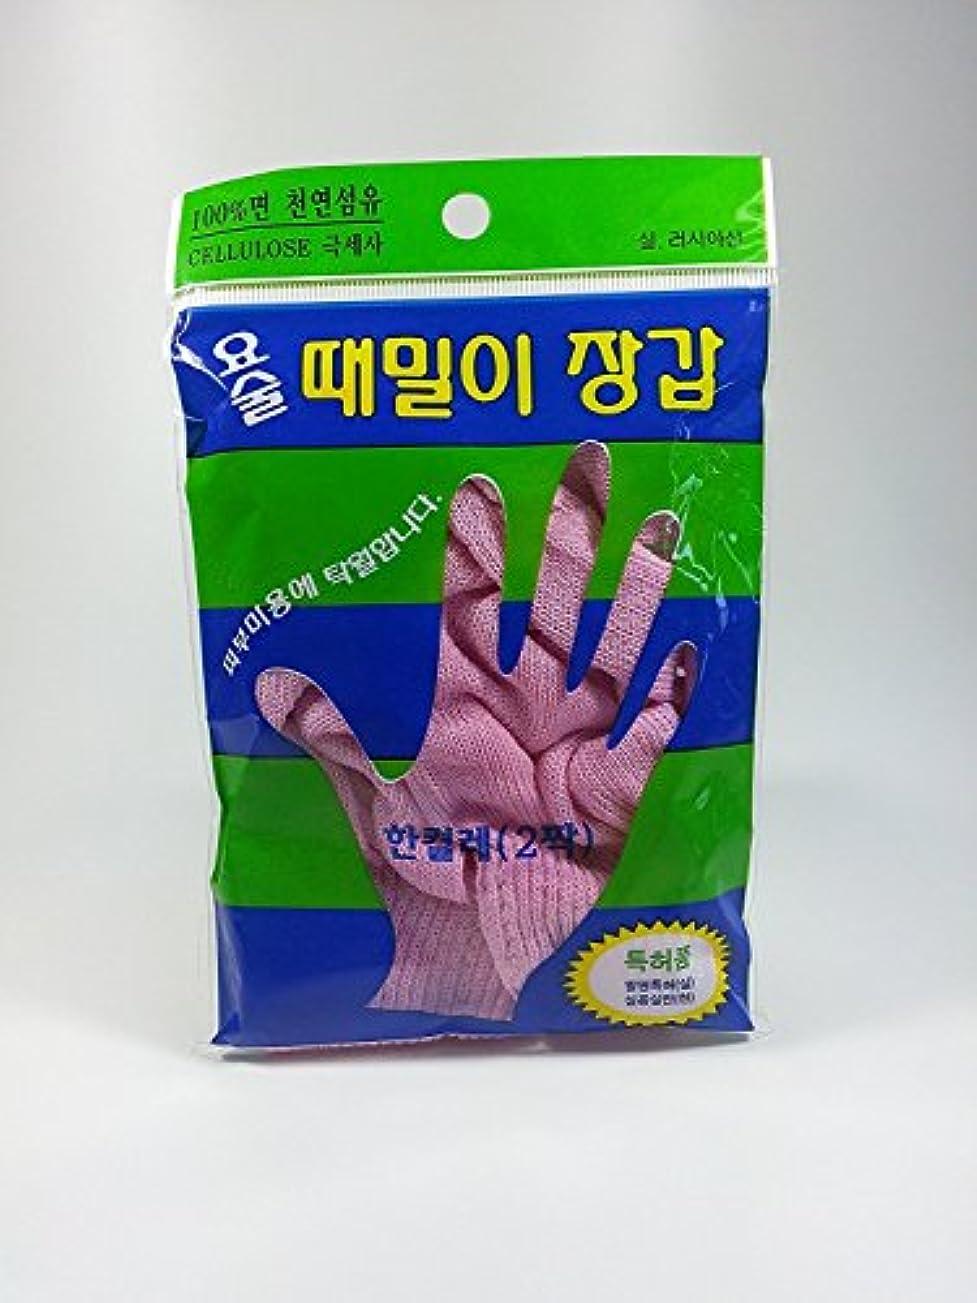 頼る理論斧ジョンジュン産業 韓国式 垢すり 手袋 バスグローブ 5本指 ボディスクラブ 100% 天然セルロース繊維製 ???? ??????? Magic Korean Body Back Scrub [並行輸入品]